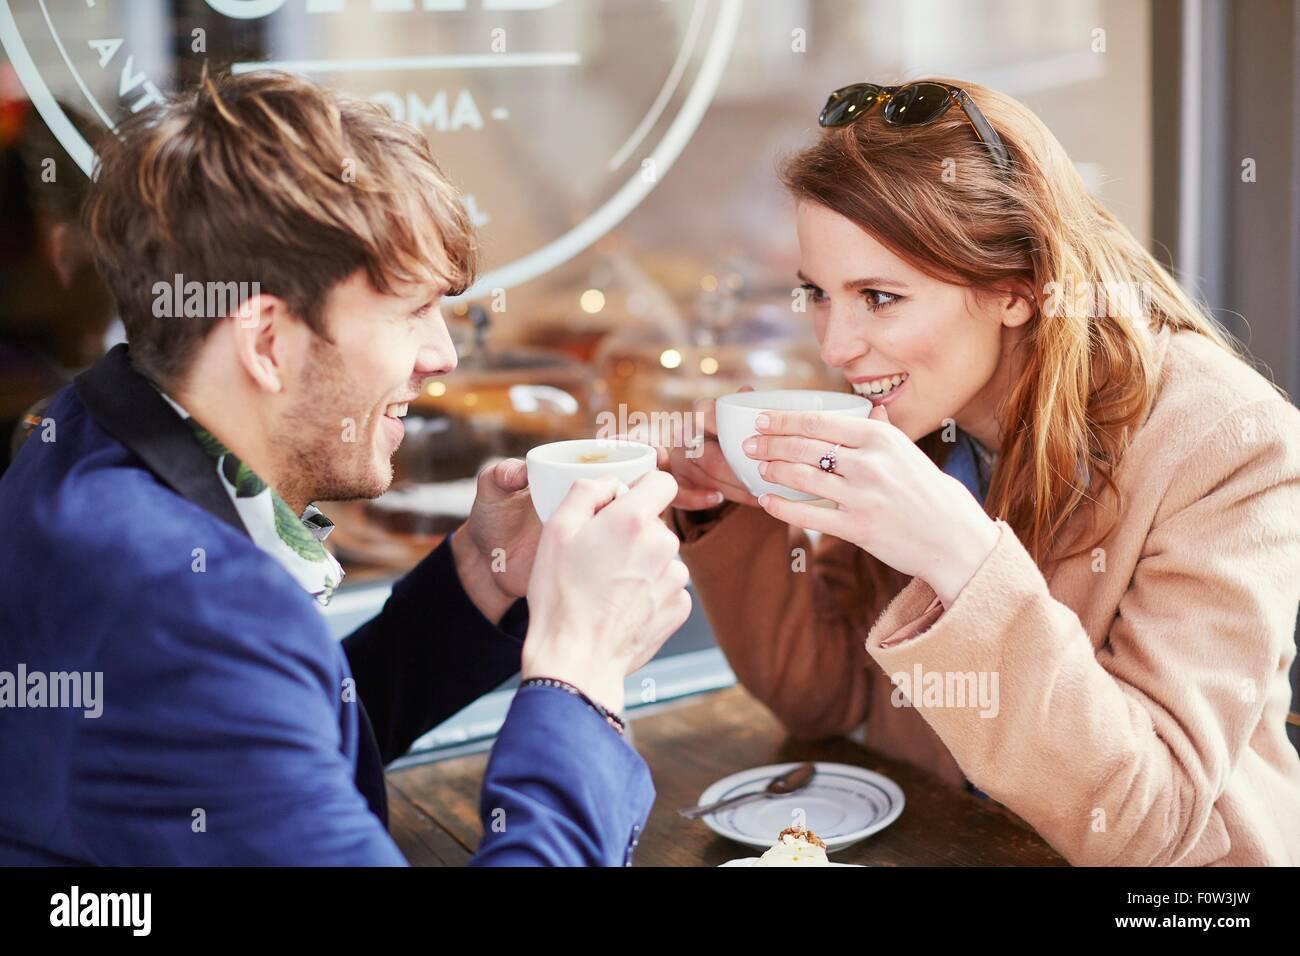 Par de beber café en el café en la acera, Londres, Reino Unido. Imagen De Stock